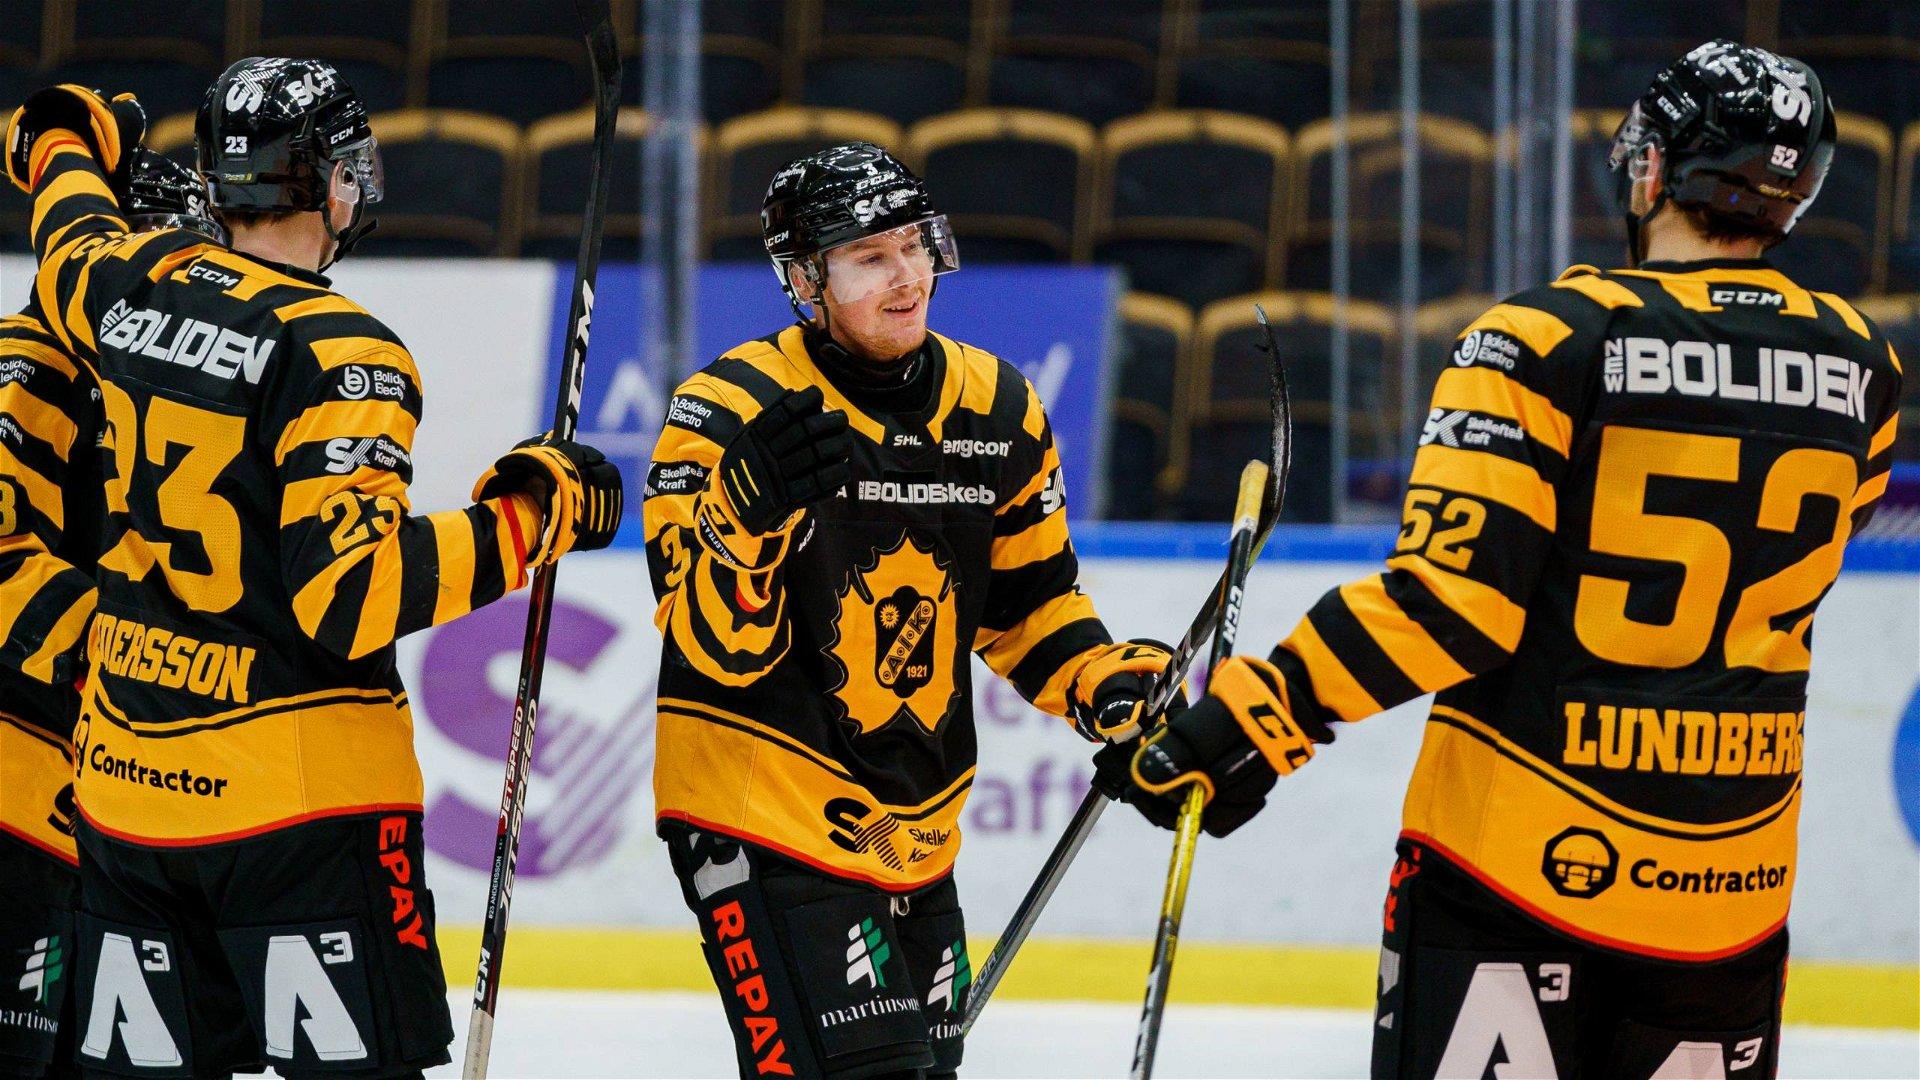 Niclas Burström firar det avgörande målet med sina lagkamrater när Skellefteå besegrade Färjestad.